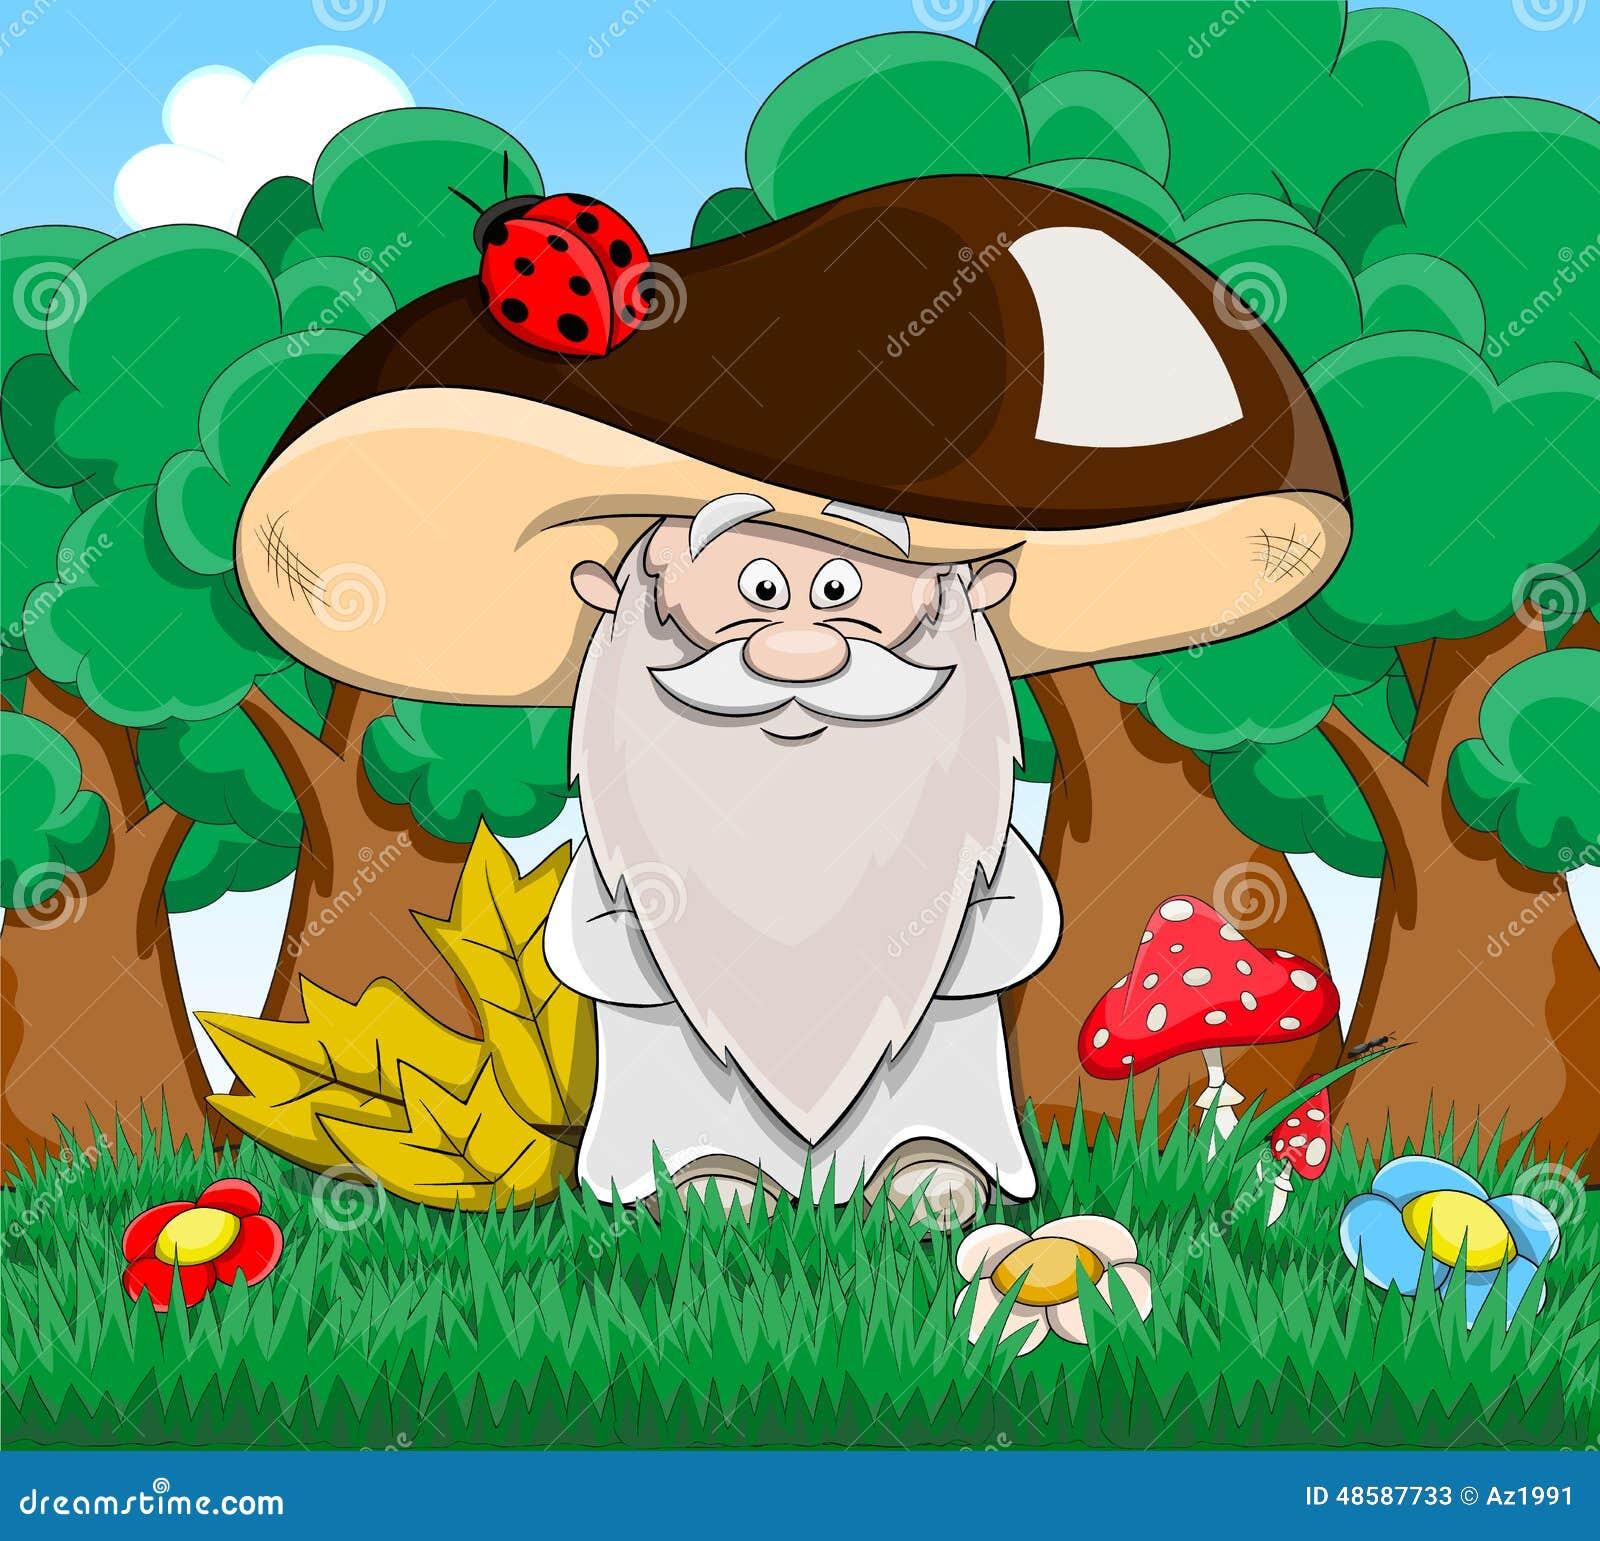 cute cartoon fabulous old man mushroom stock vector